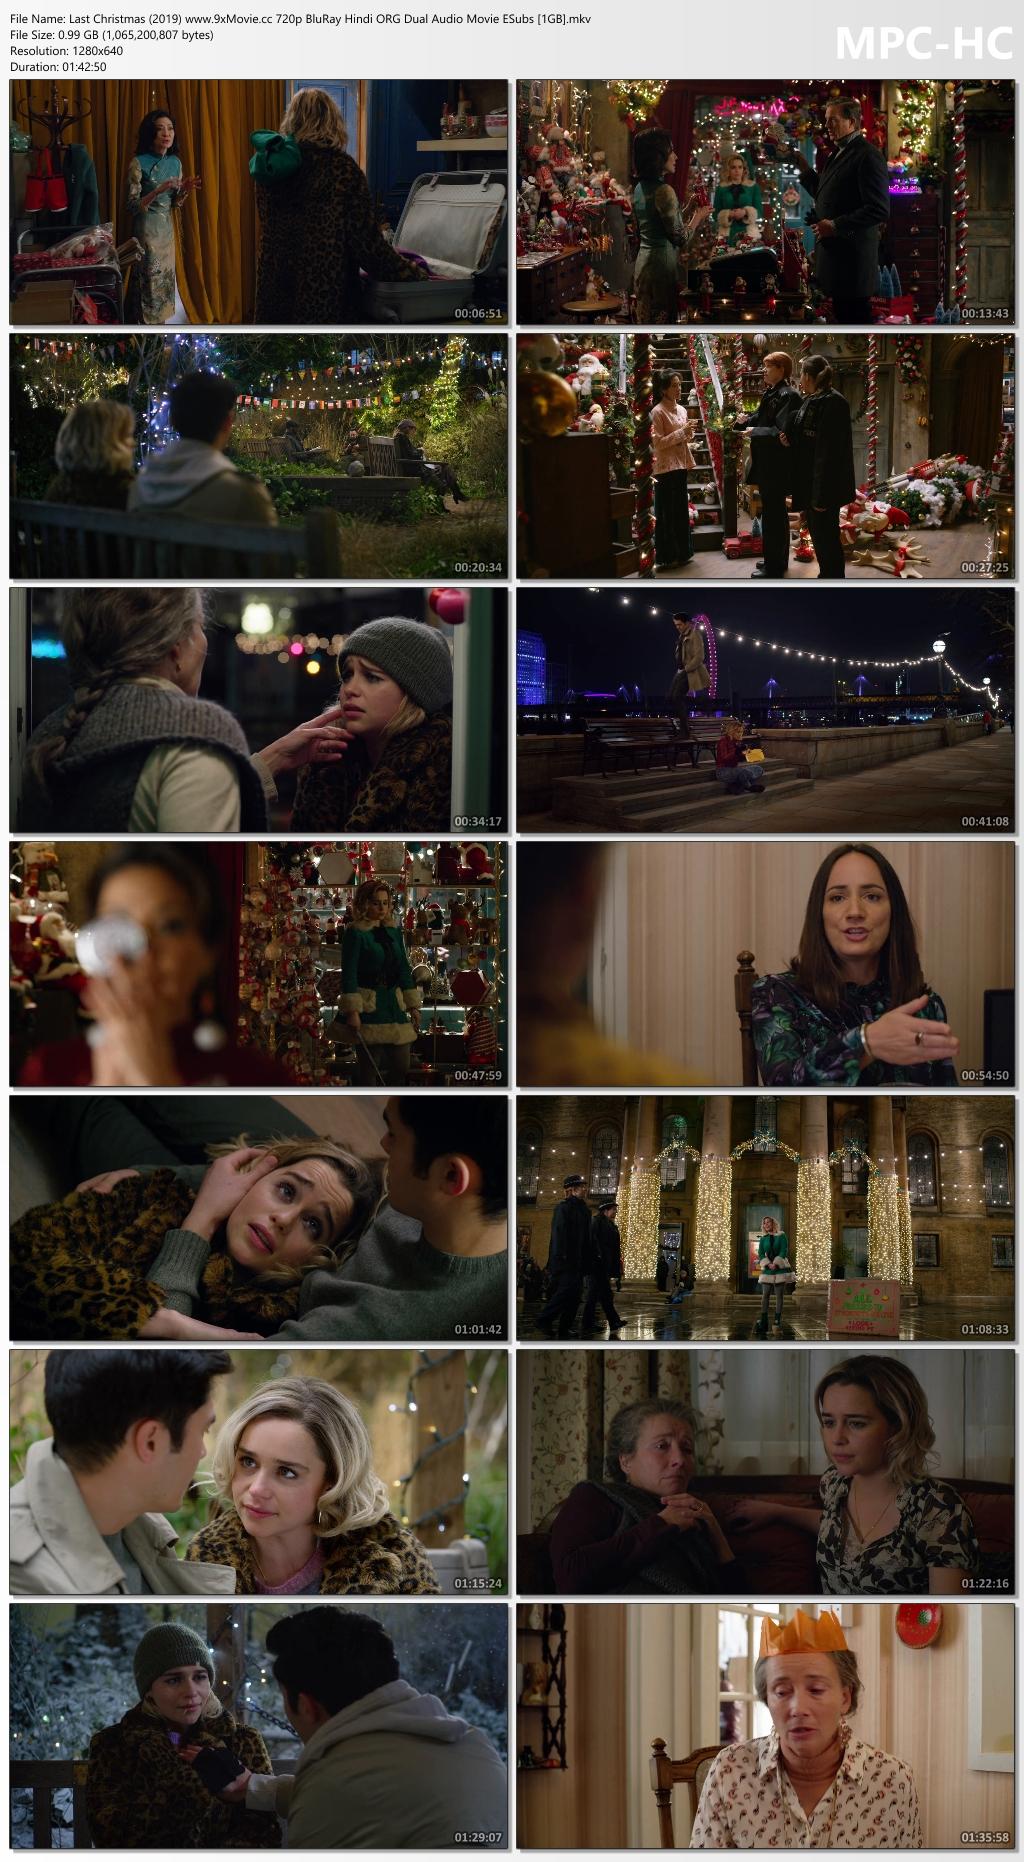 Last-Christmas-2019-www-9x-Movie-cc-720p-Blu-Ray-Hindi-ORG-Dual-Audio-Movie-ESubs-1-GB-mkv